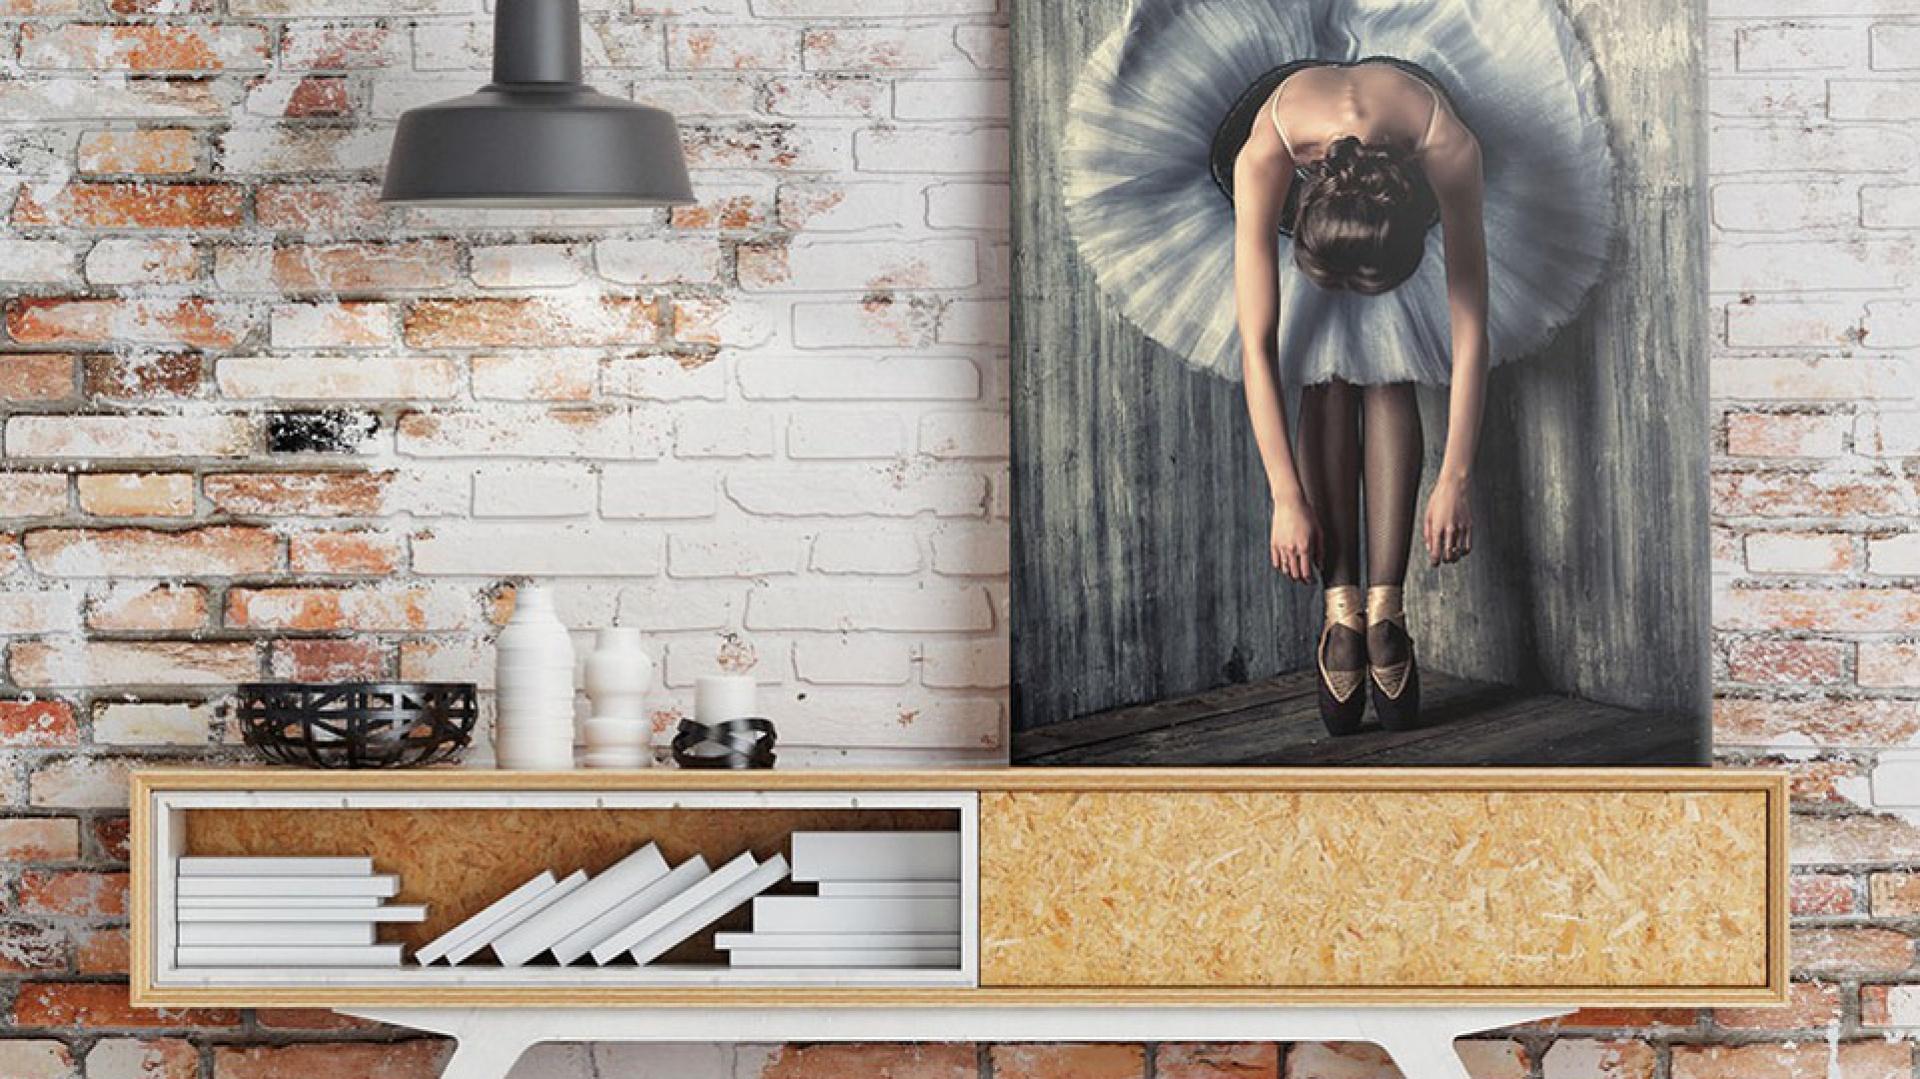 Salon baletnica. Fot. www.redro.pl